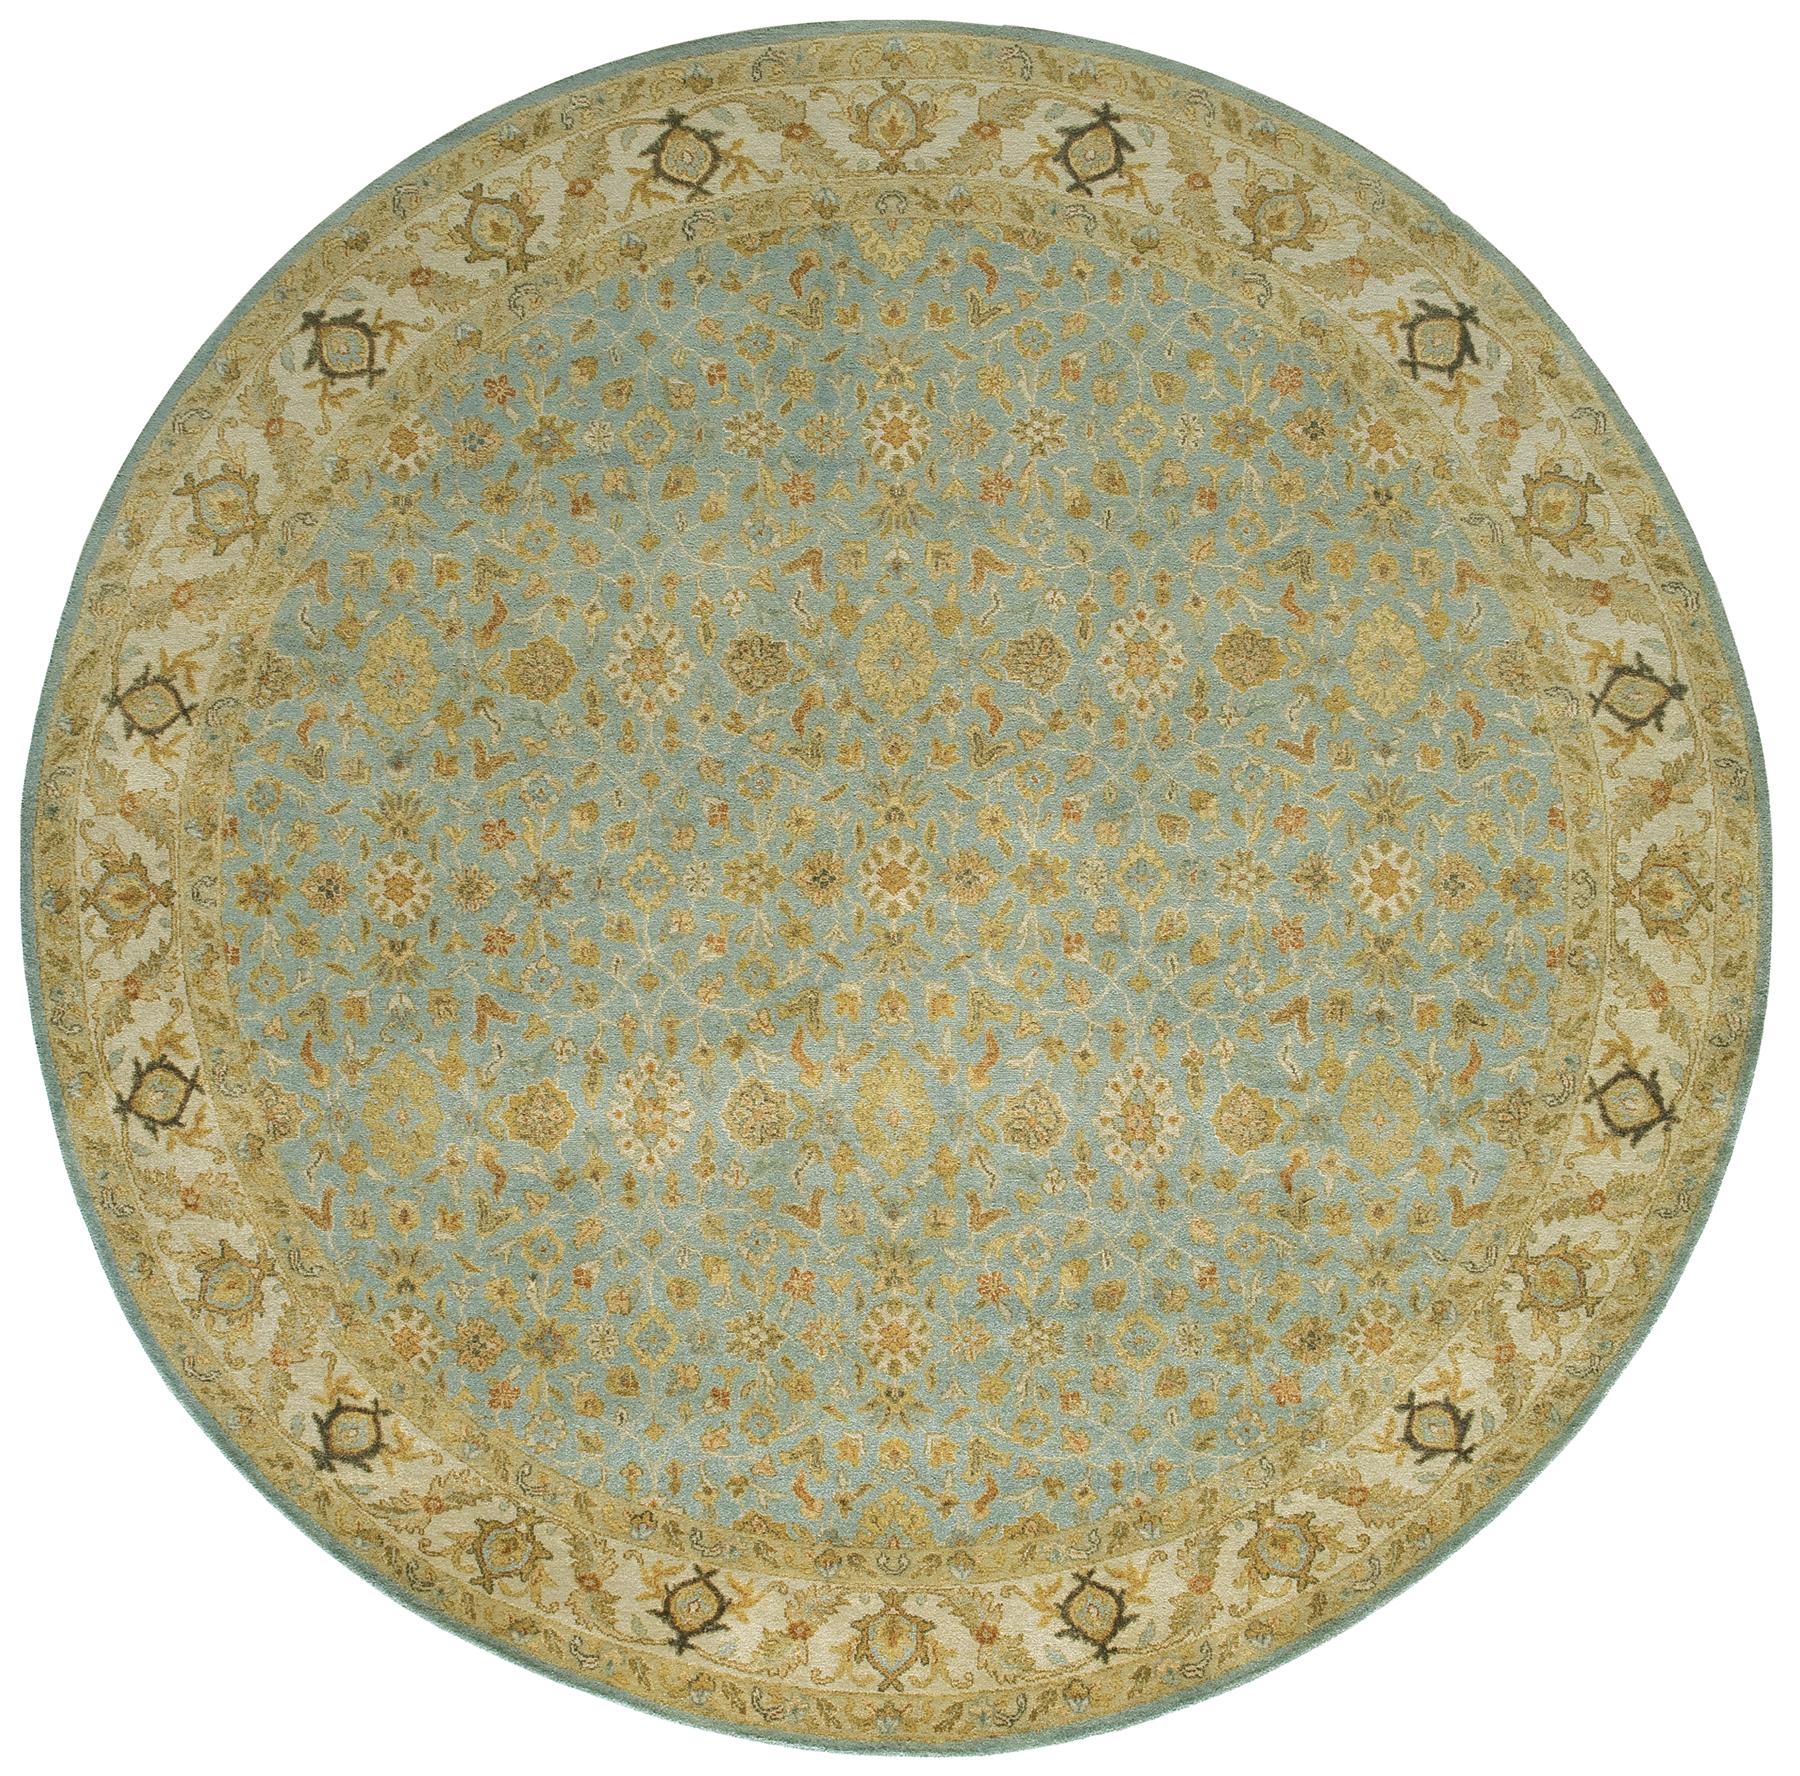 Yezd-Light-Blue-Beige(round).jpg